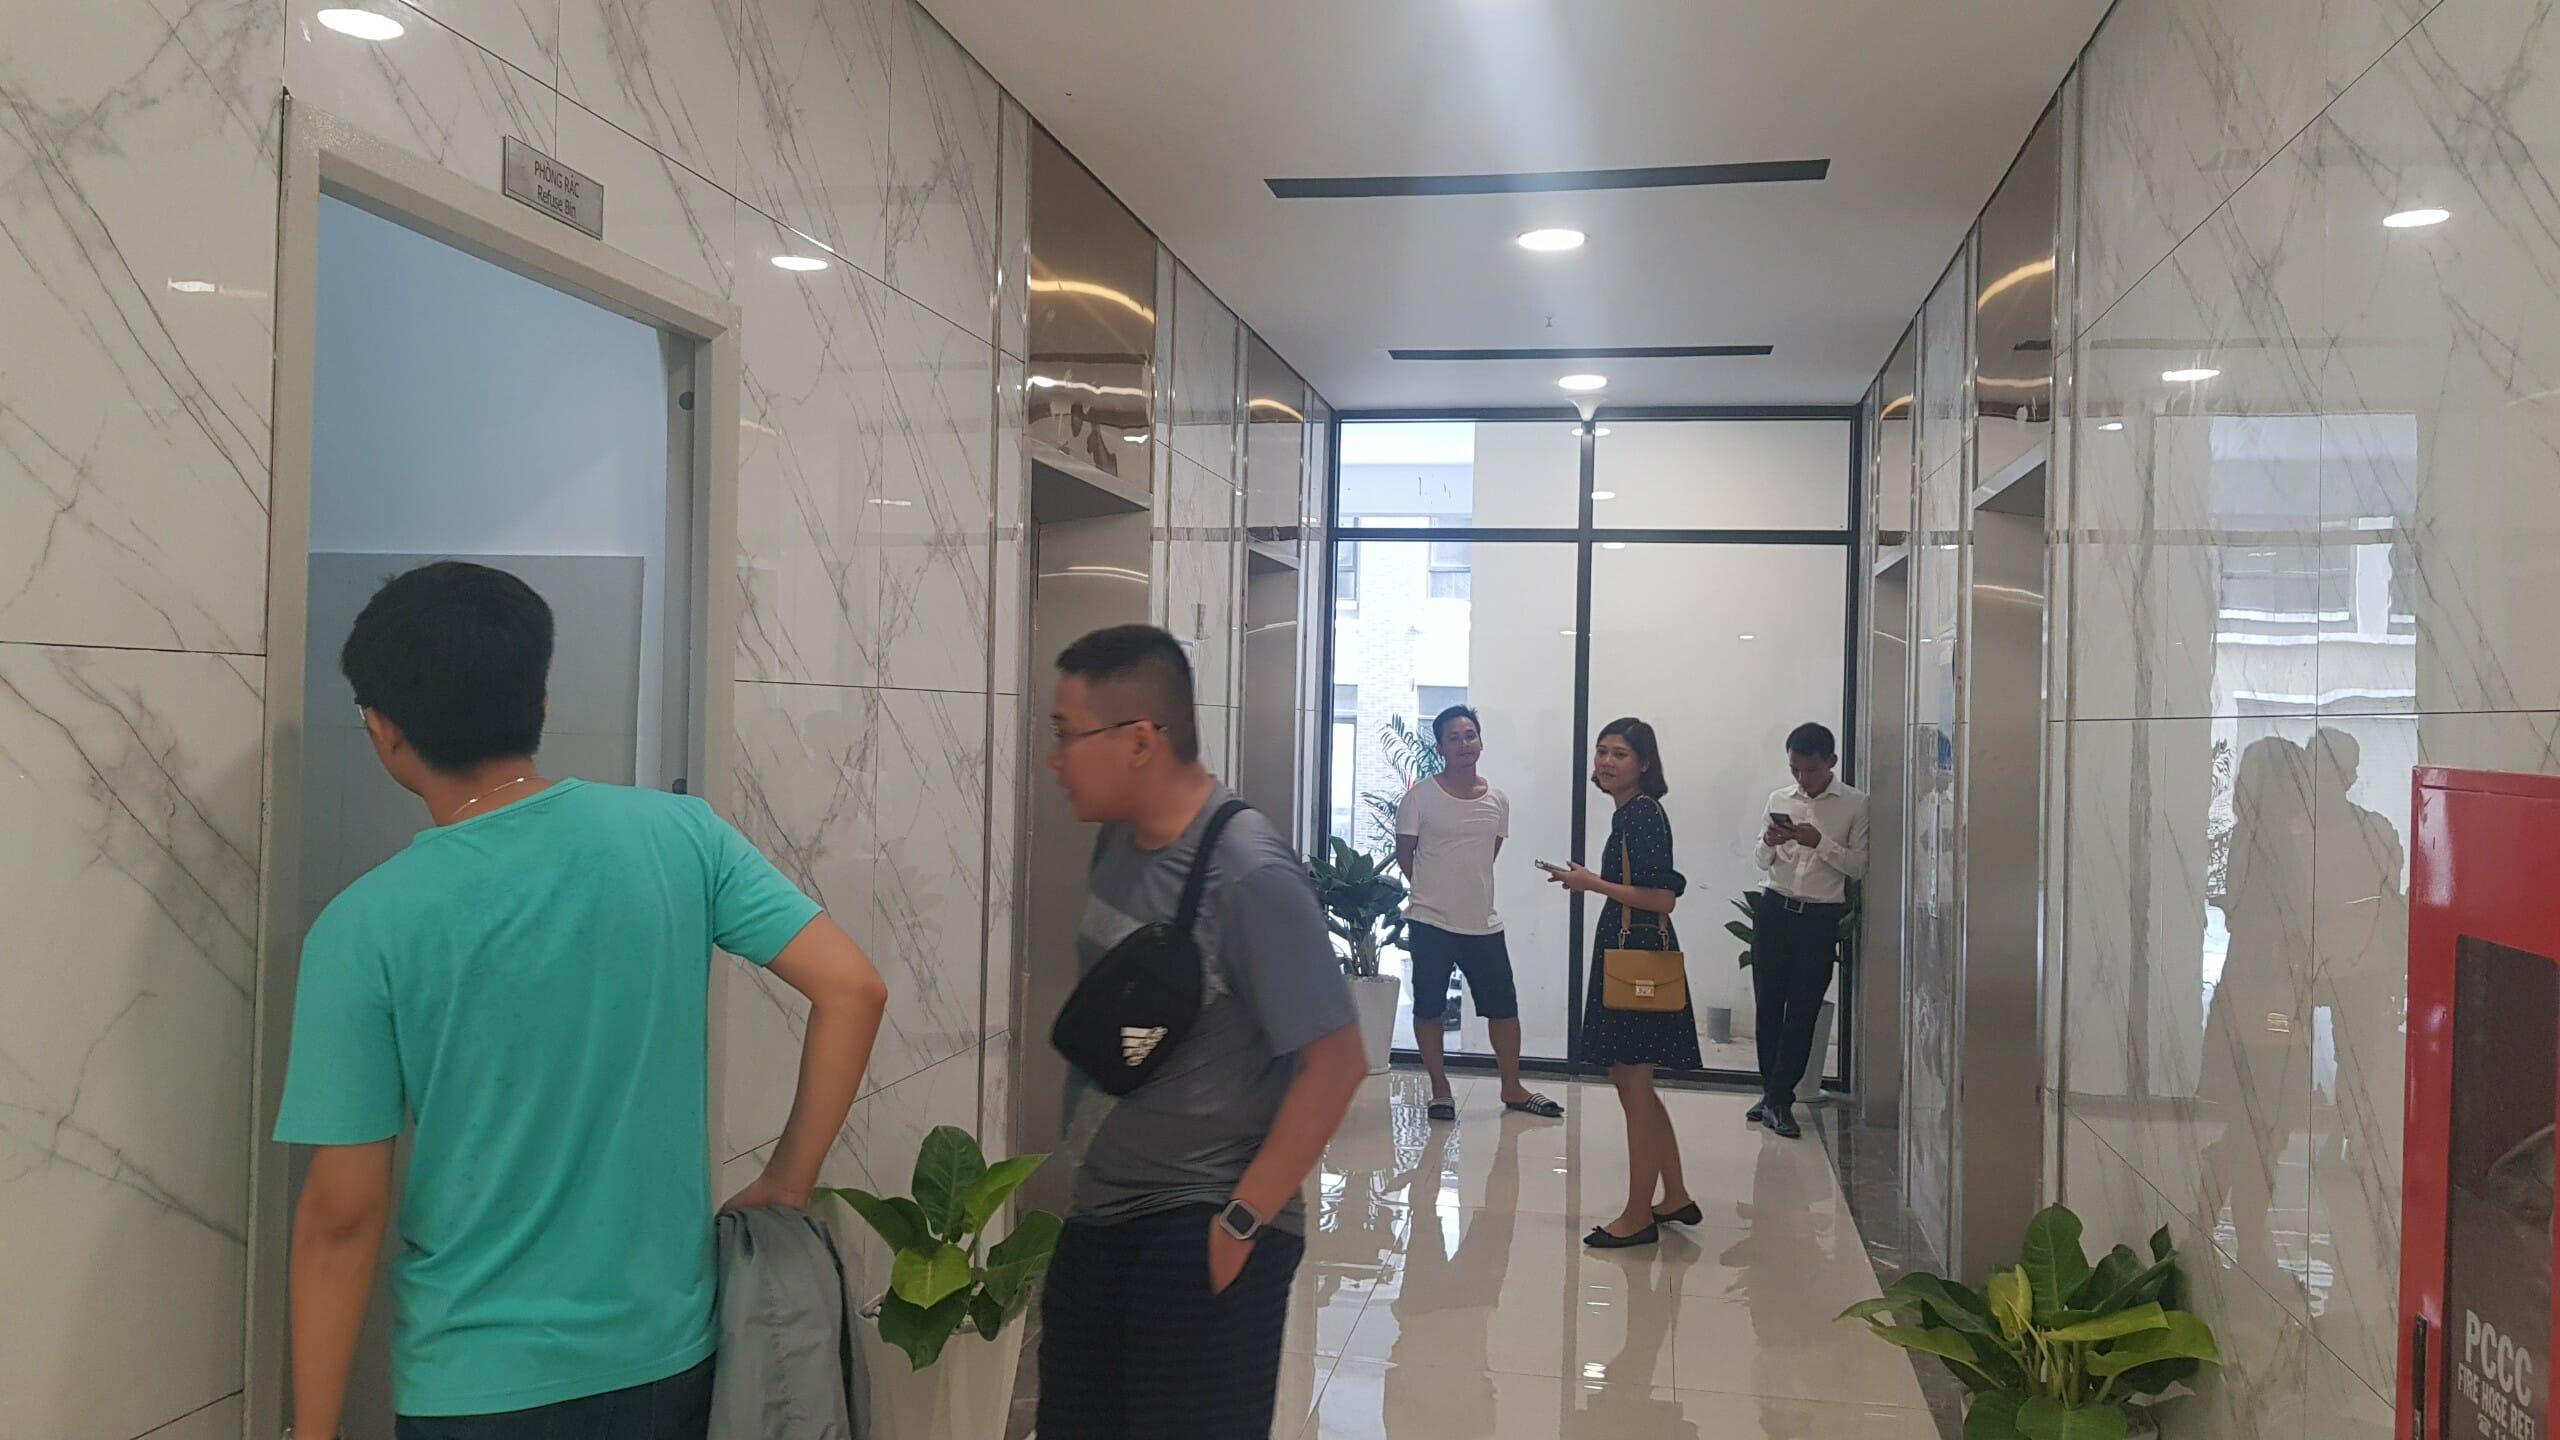 Sảnh chờ thang máy của Mizuki Park nhìn khá sang trọng, thường chỉ gặp ở những chung cư cao cấp.